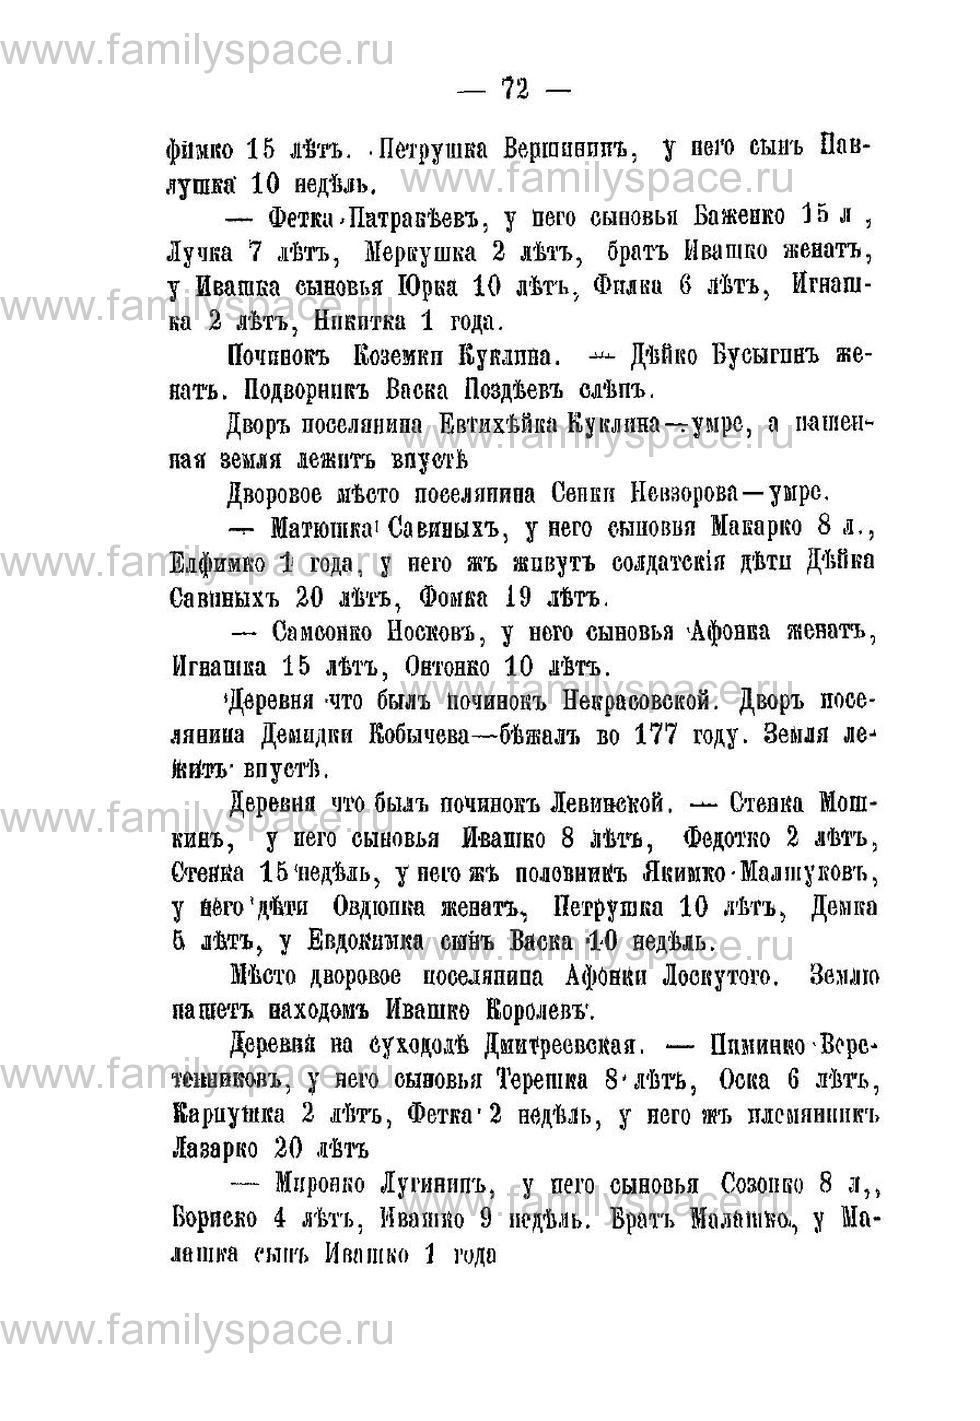 Поиск по фамилии - Переписная книга Орлова и волостей 1678 г, страница 68